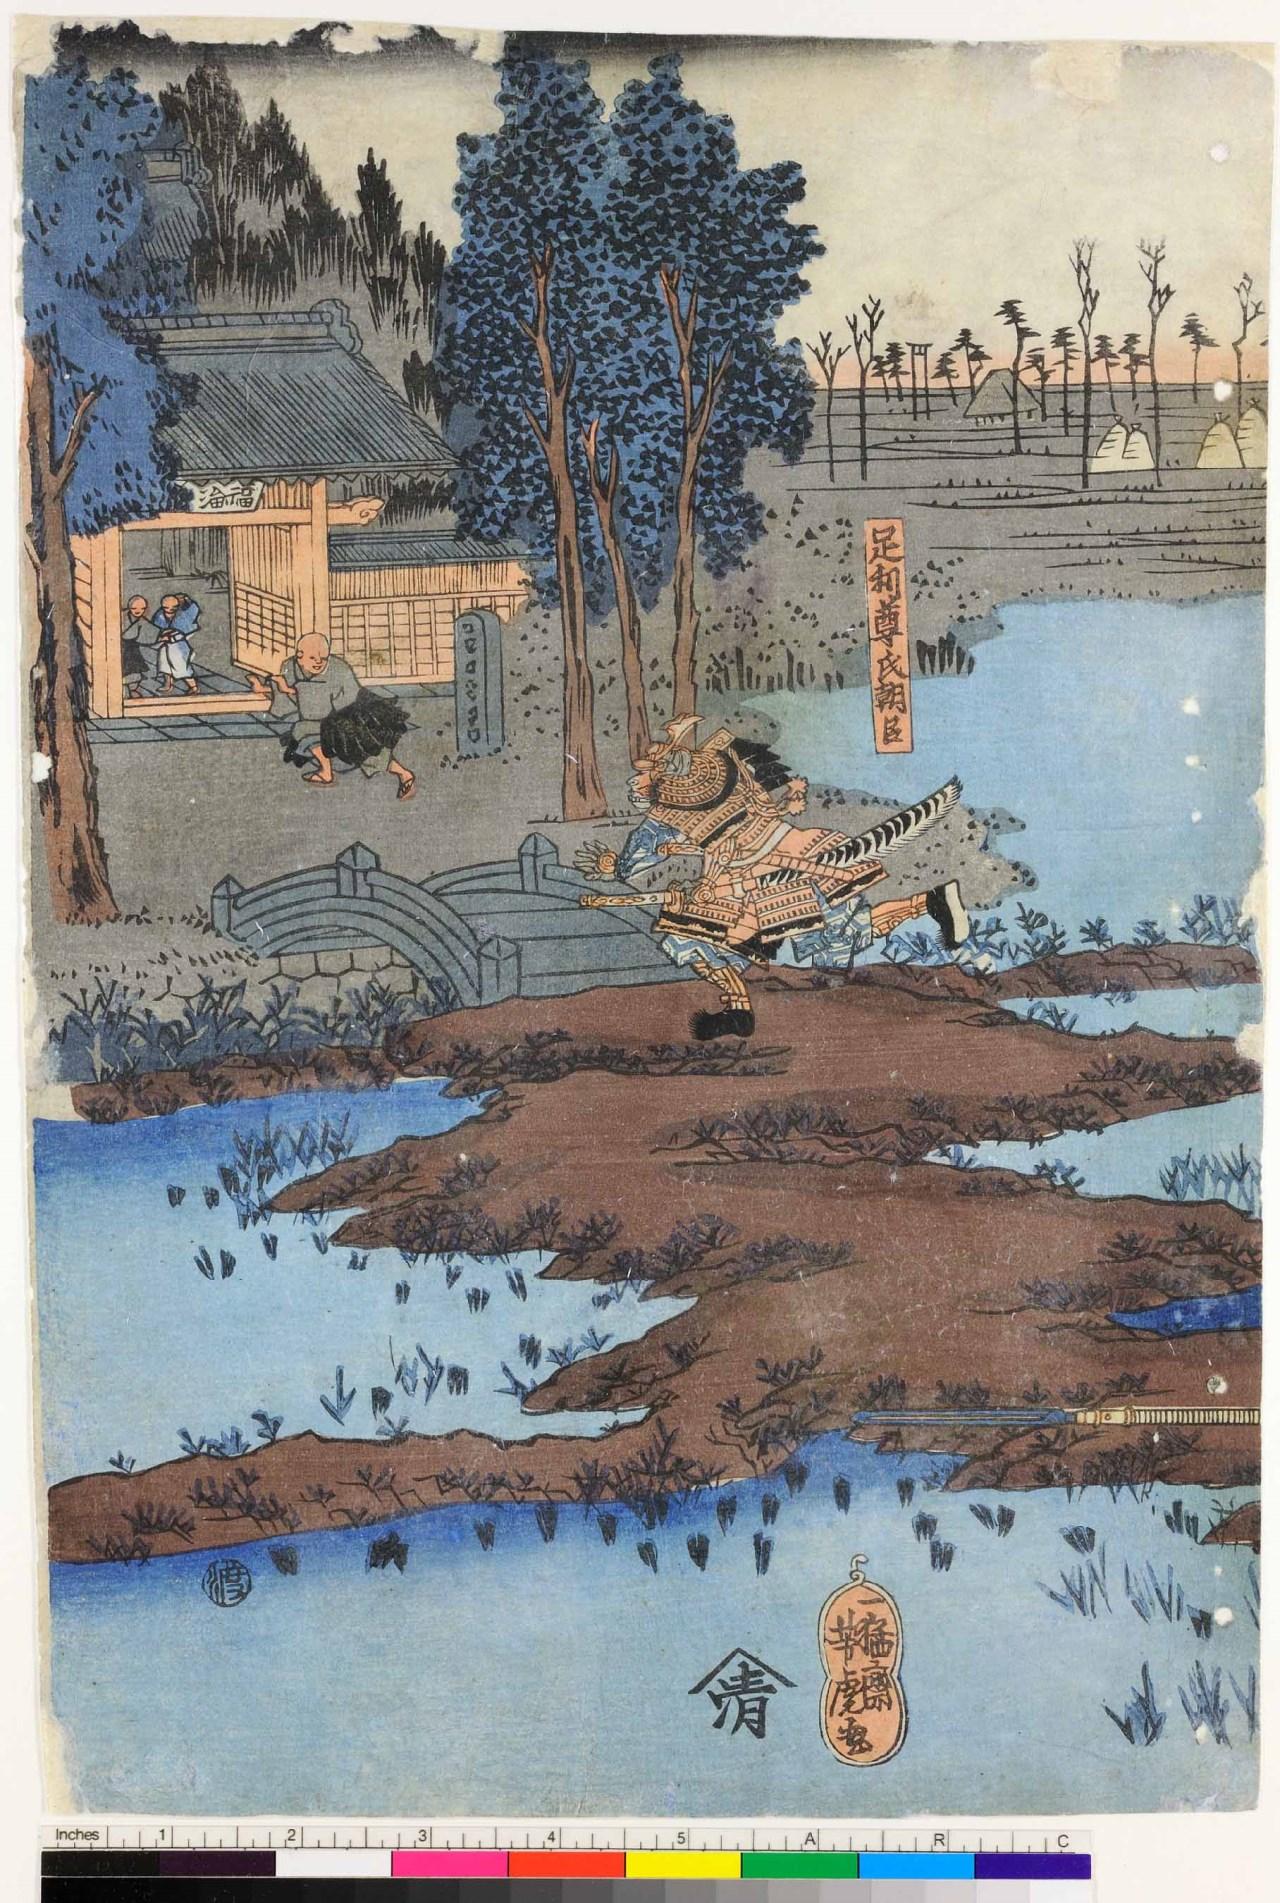 scena di combattimento e inseguimento (stampa, stampa composita) di Utagawa Yoshitora - ambito giapponese (sec. XIX)